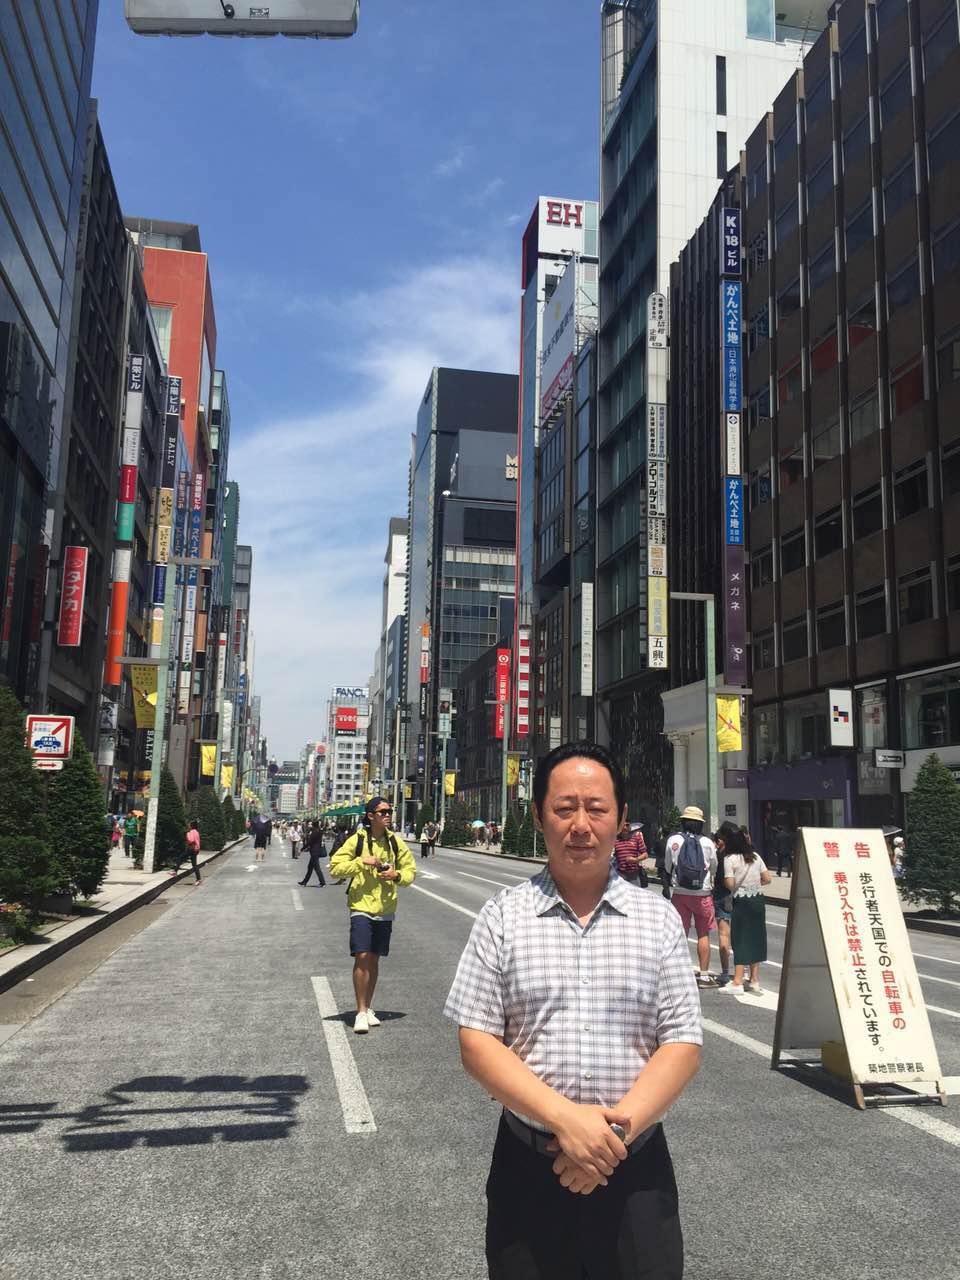 2天日本体检为何让他放弃坚持了4年的抵制日货